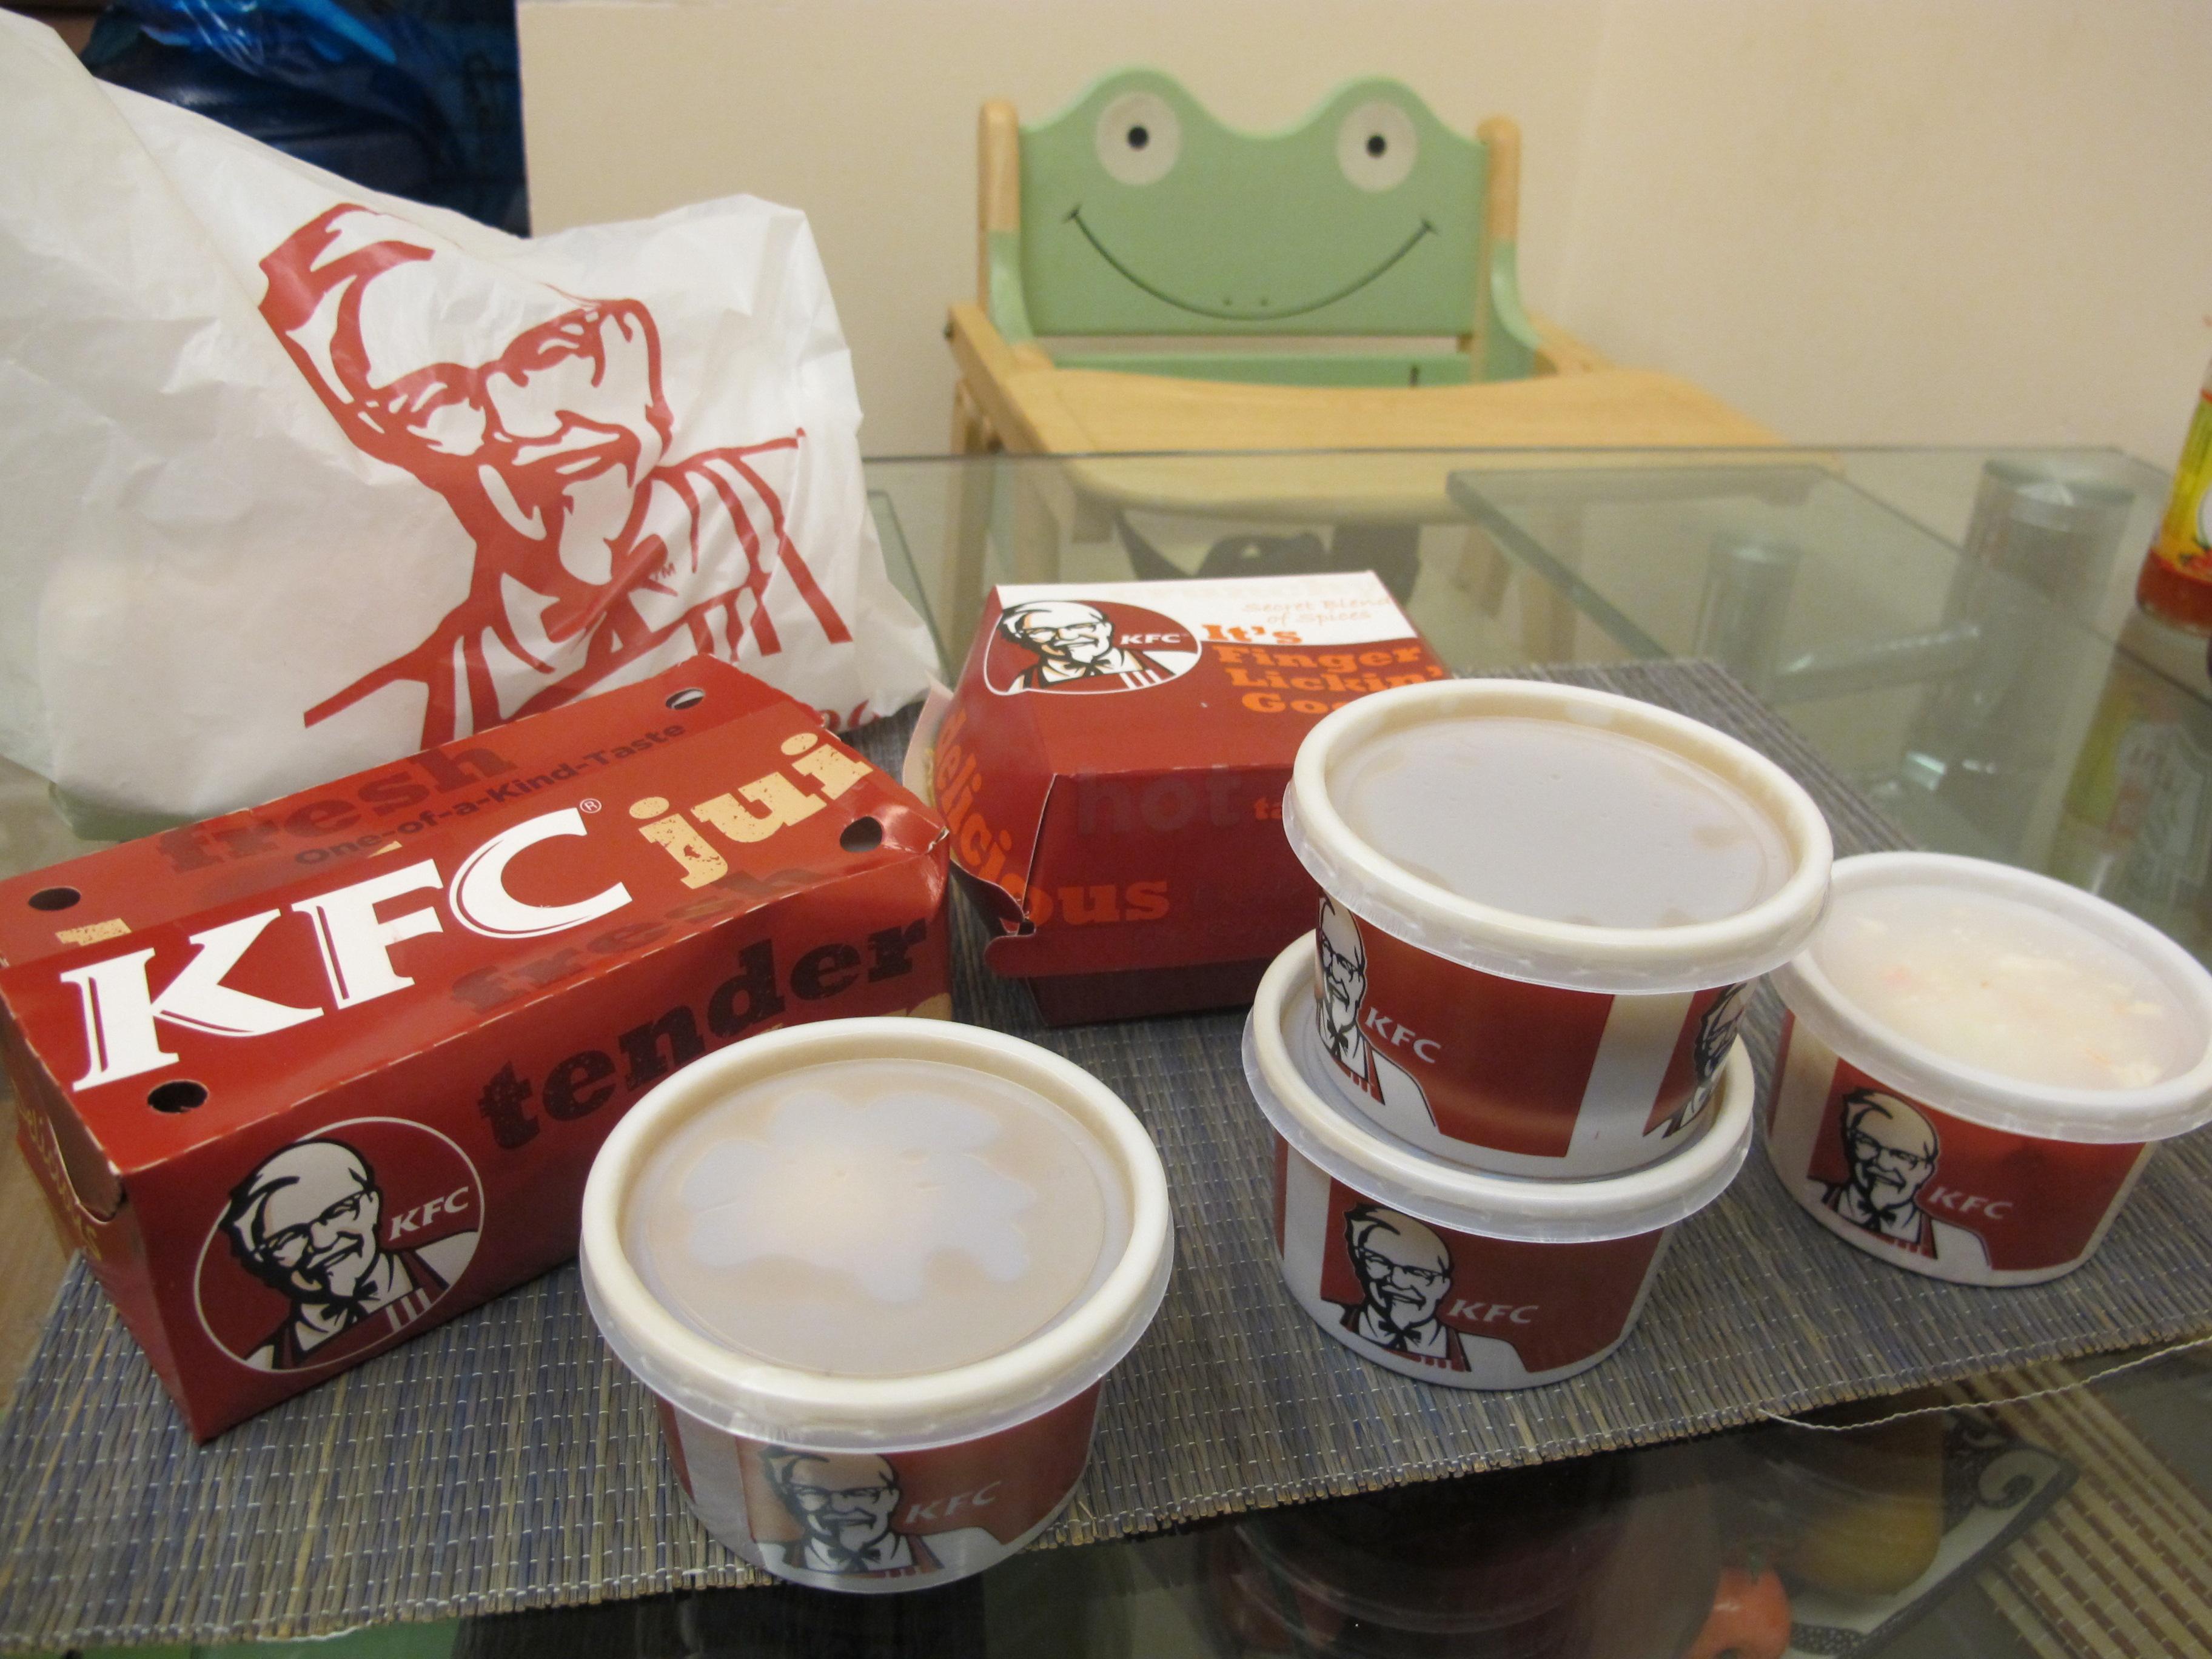 Online Ordering for KFC